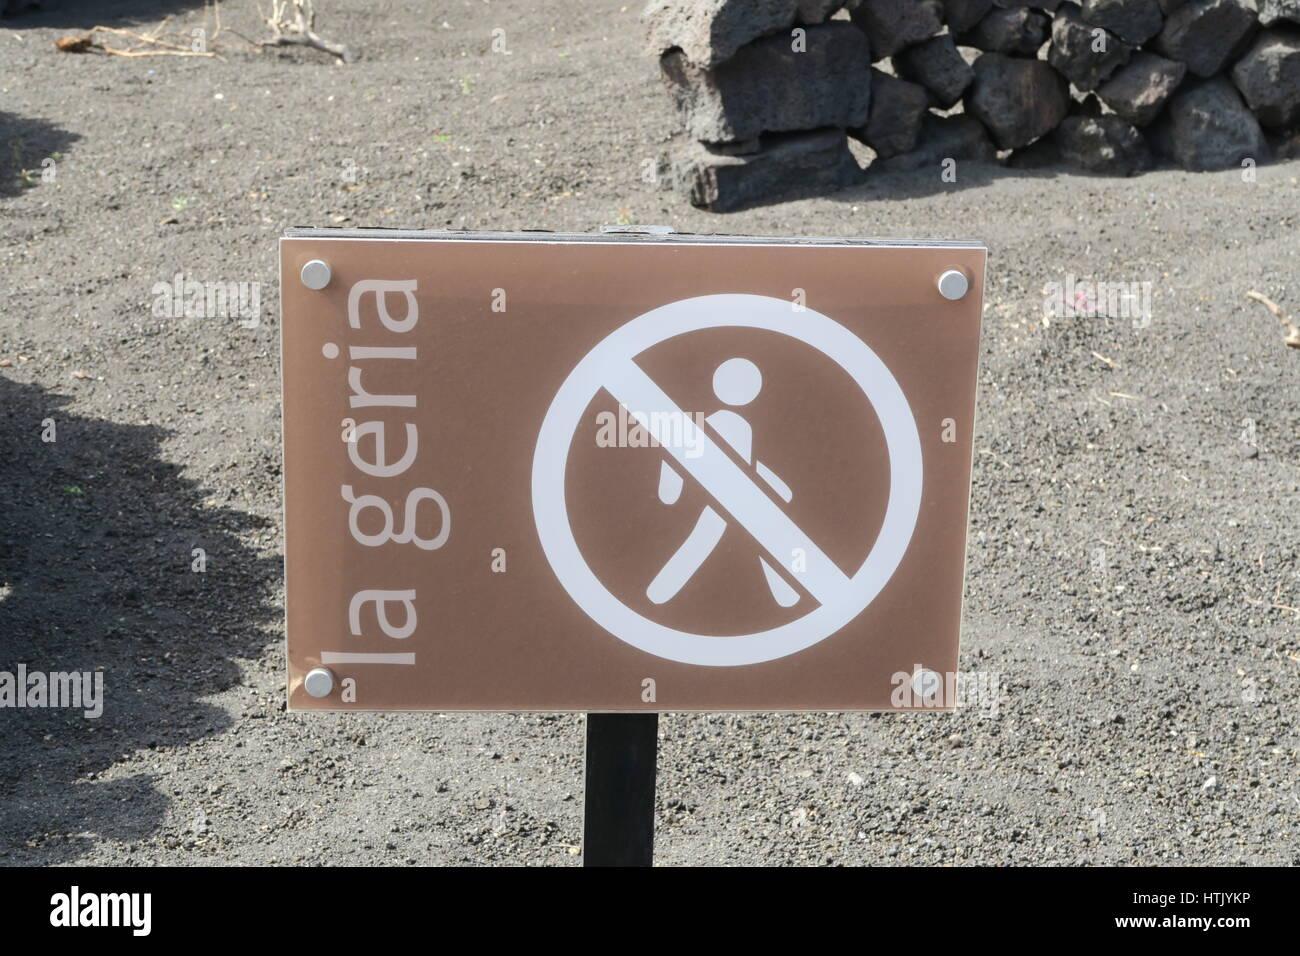 No entry sign, La Geria, Lanzarote - Stock Image